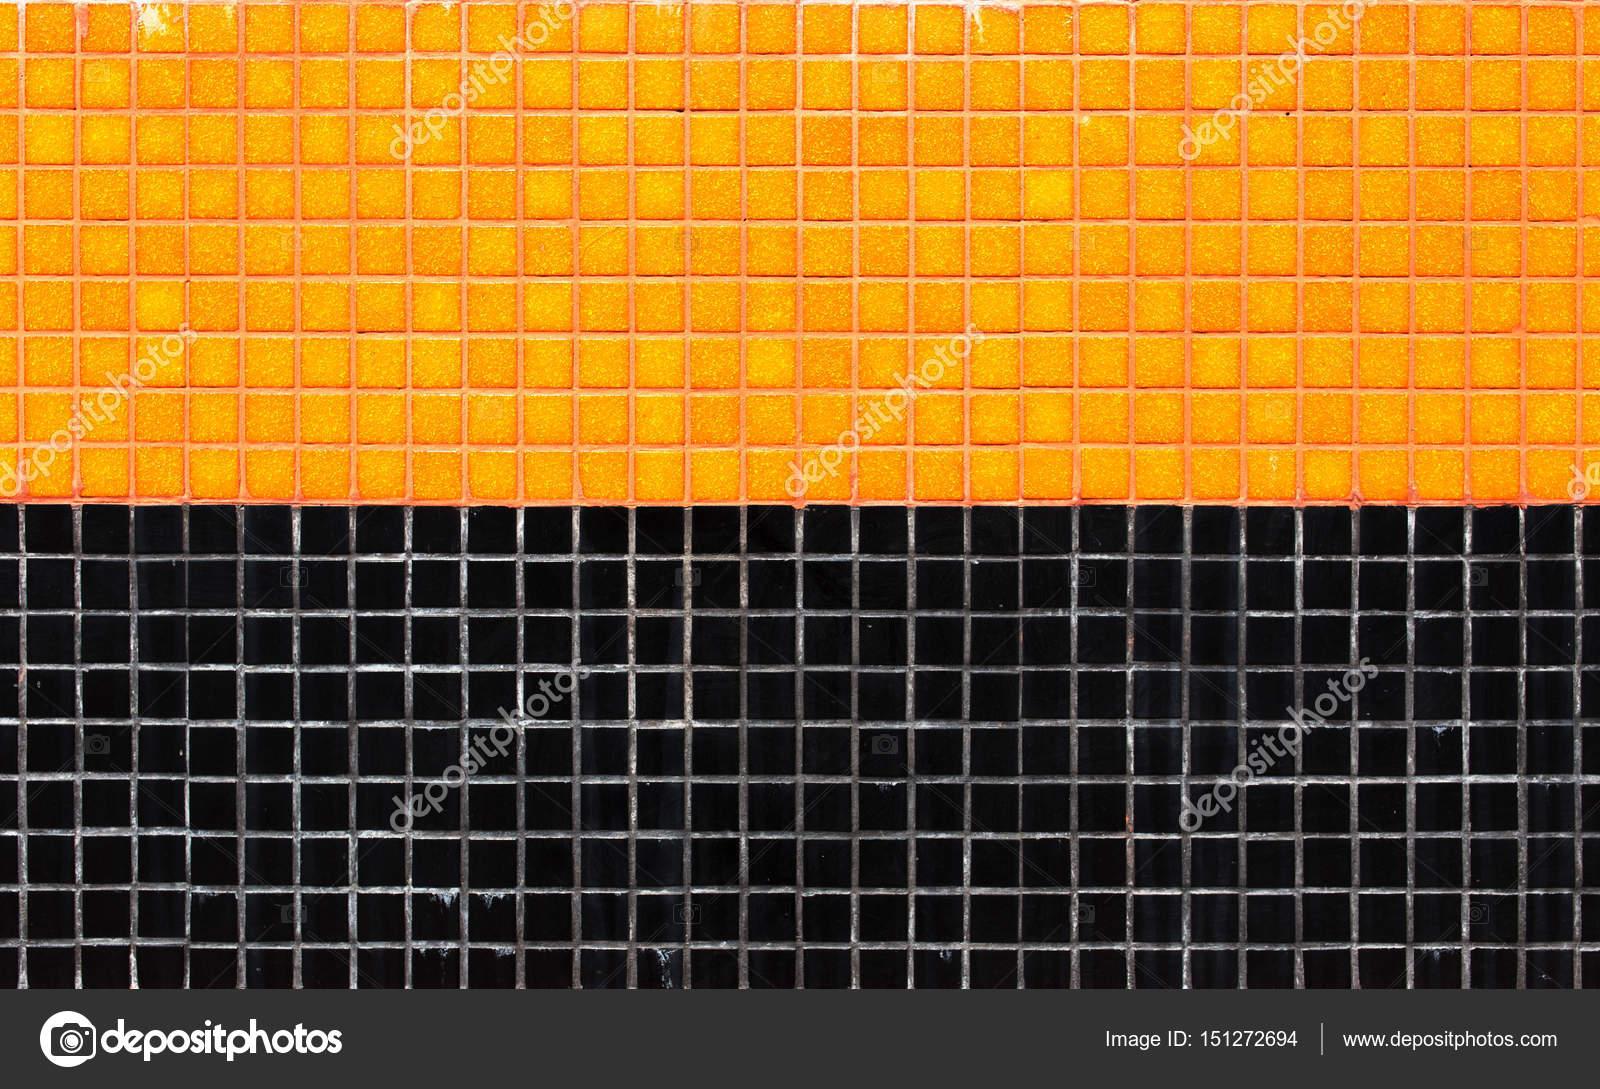 Piastrelle di ceramica colorato mosaico arancio e nero priorità